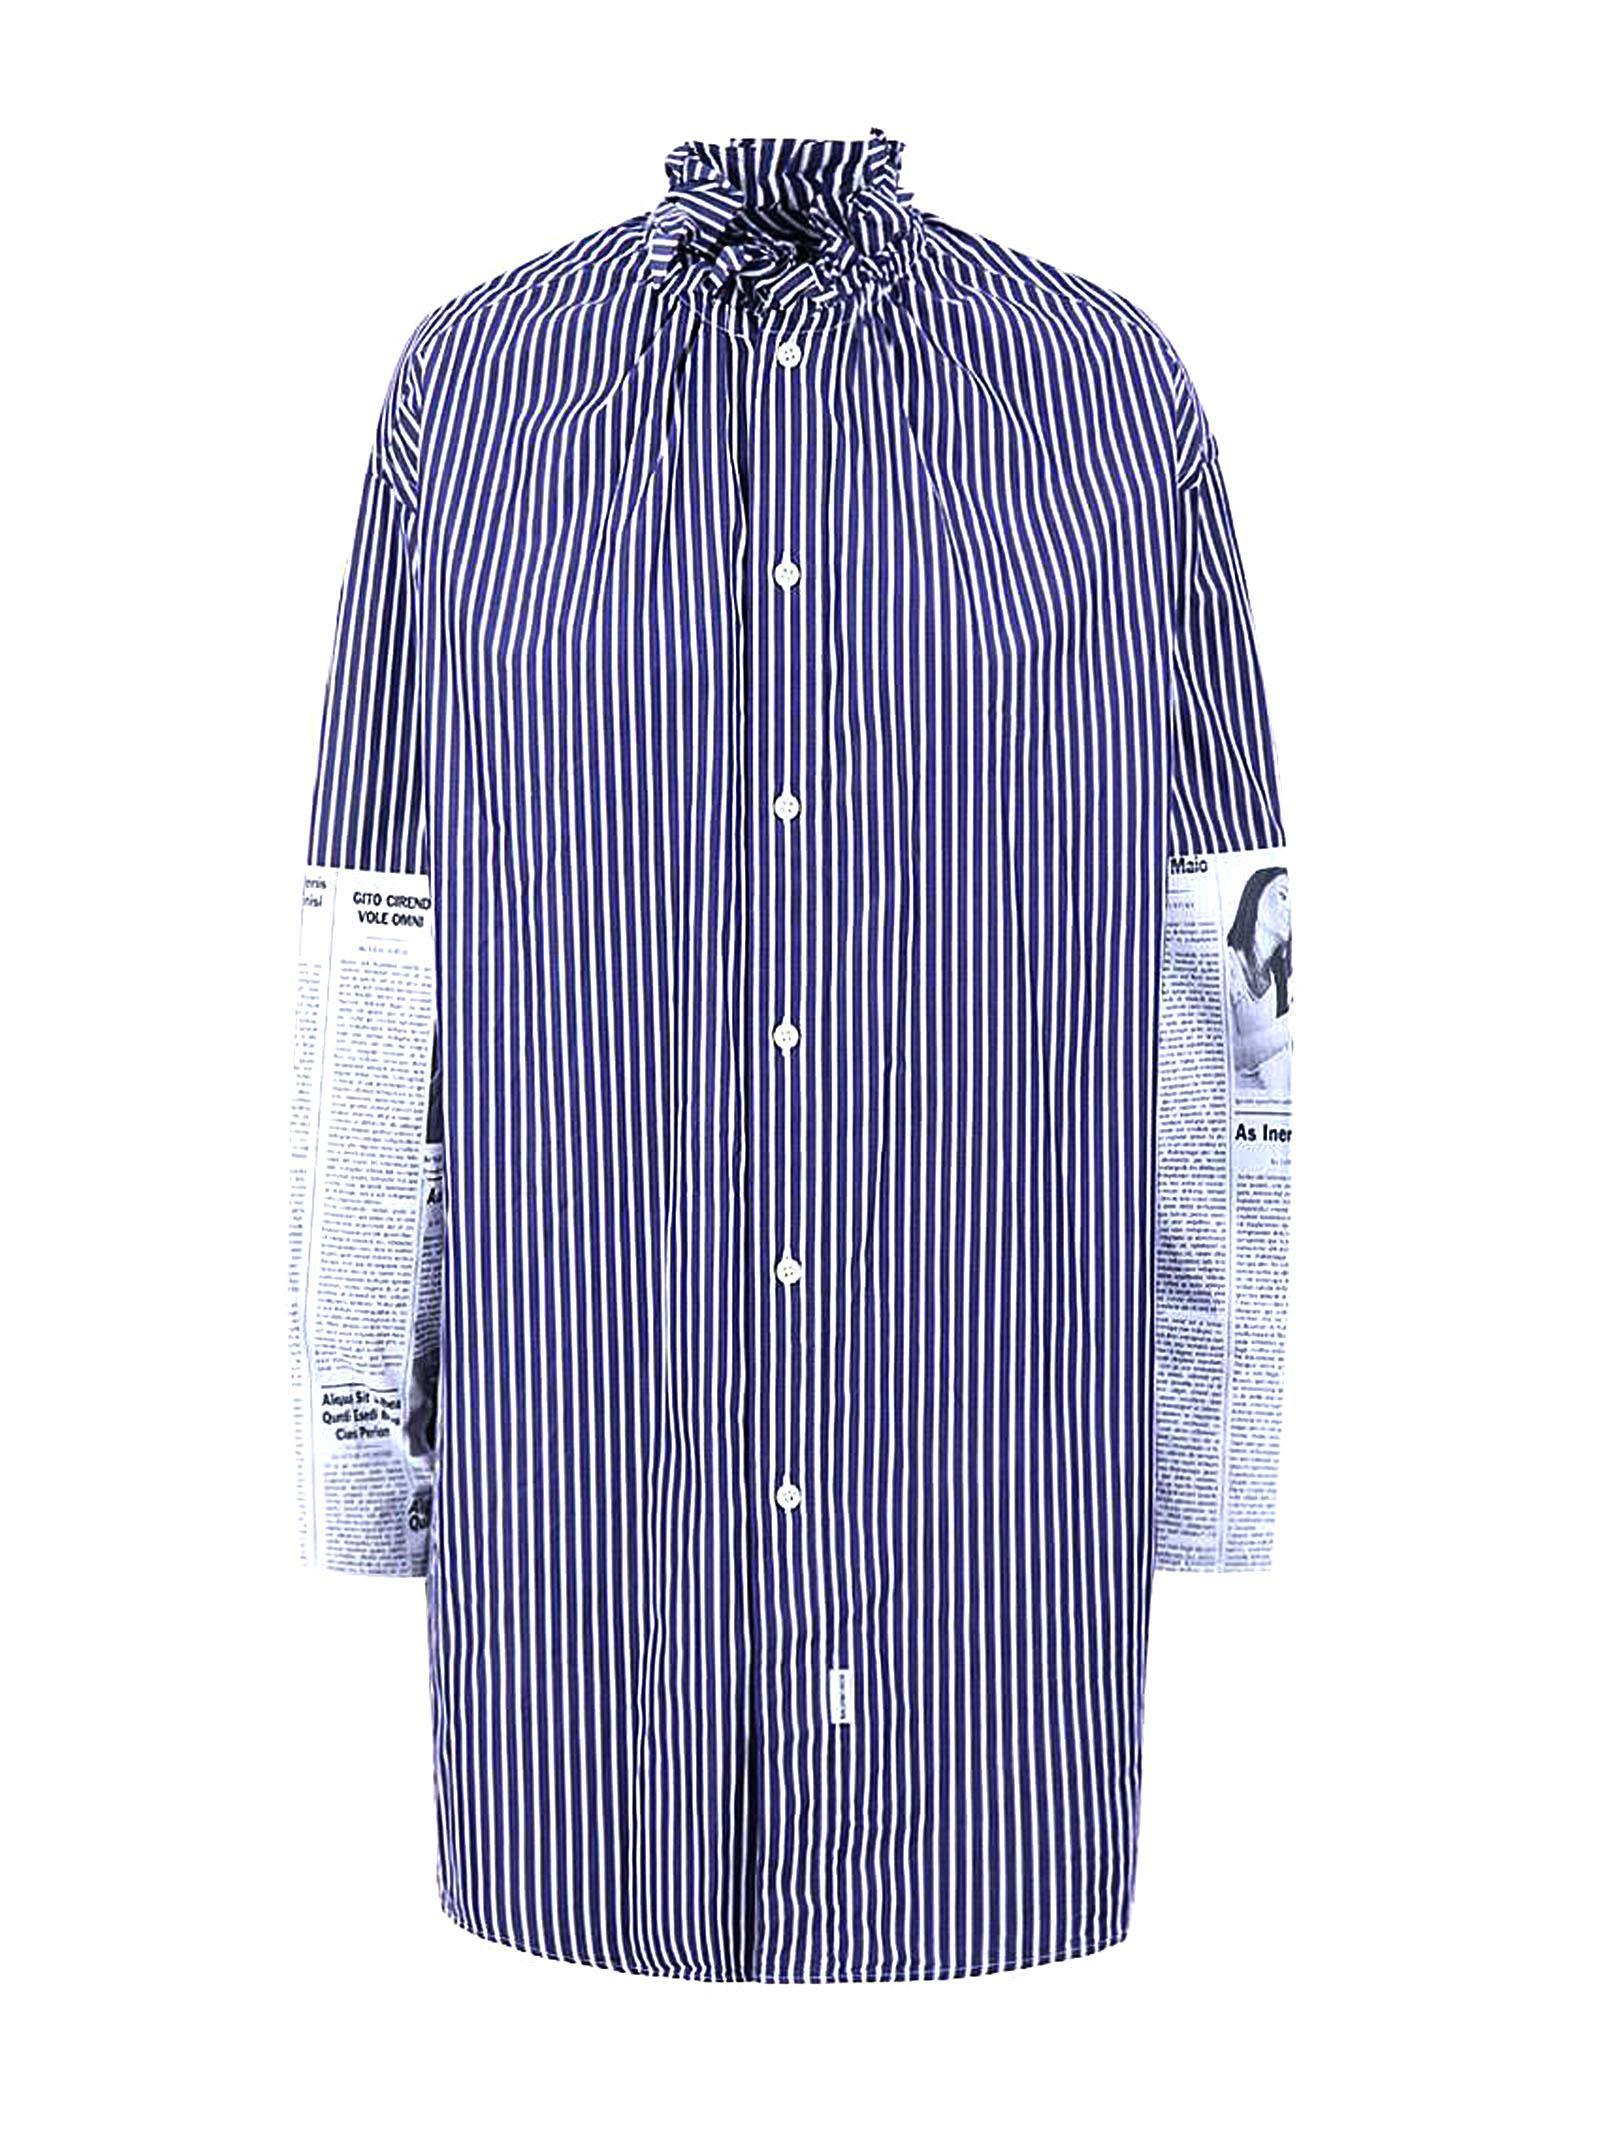 Balenciaga Patch Navy/white Shirt